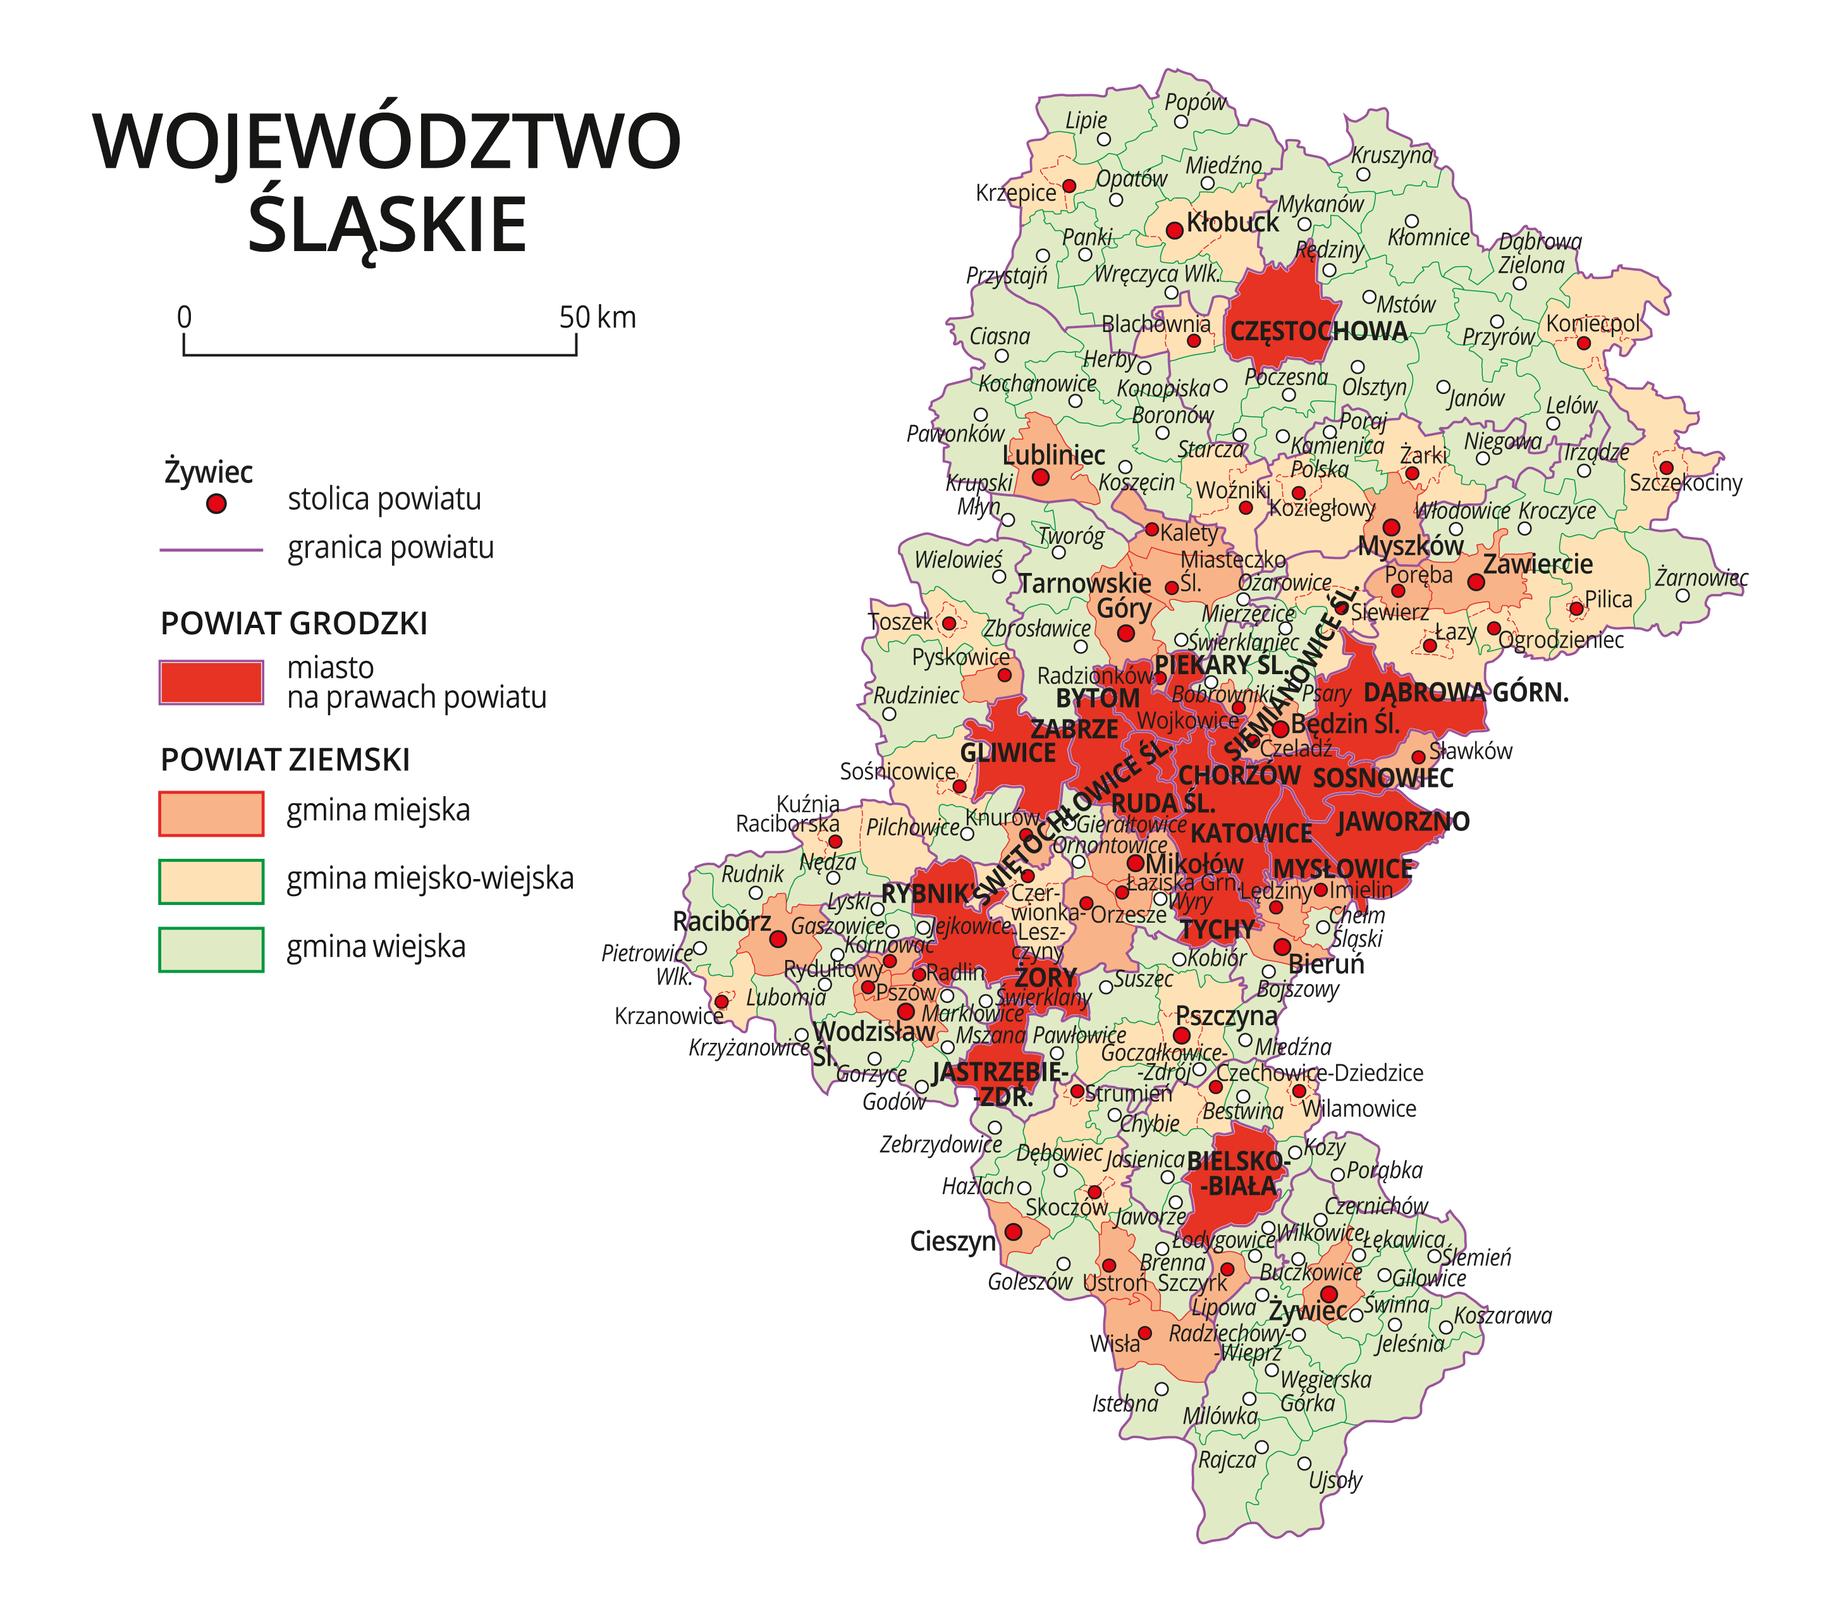 Mapa województwa śląskiego. Na mapie fioletowymi liniami zaznaczono granice powiatów ziemskich, dużymi czerwonymi kropkami zaznaczono miasta będące stolicami powiatów. Wobrębie powiatów ziemskich kolorami wyróżniono gminy miejskie, miejsko-wiejskie iwiejskie. Czerwonym kolorem wyróżniono powiaty grodzkie zmiastami na prawach powiatu, miasta te opisano dużymi literami. Kolory iznaki użyte na mapie opisano wlegendzie. Wlegendzie podziałka liniowa.